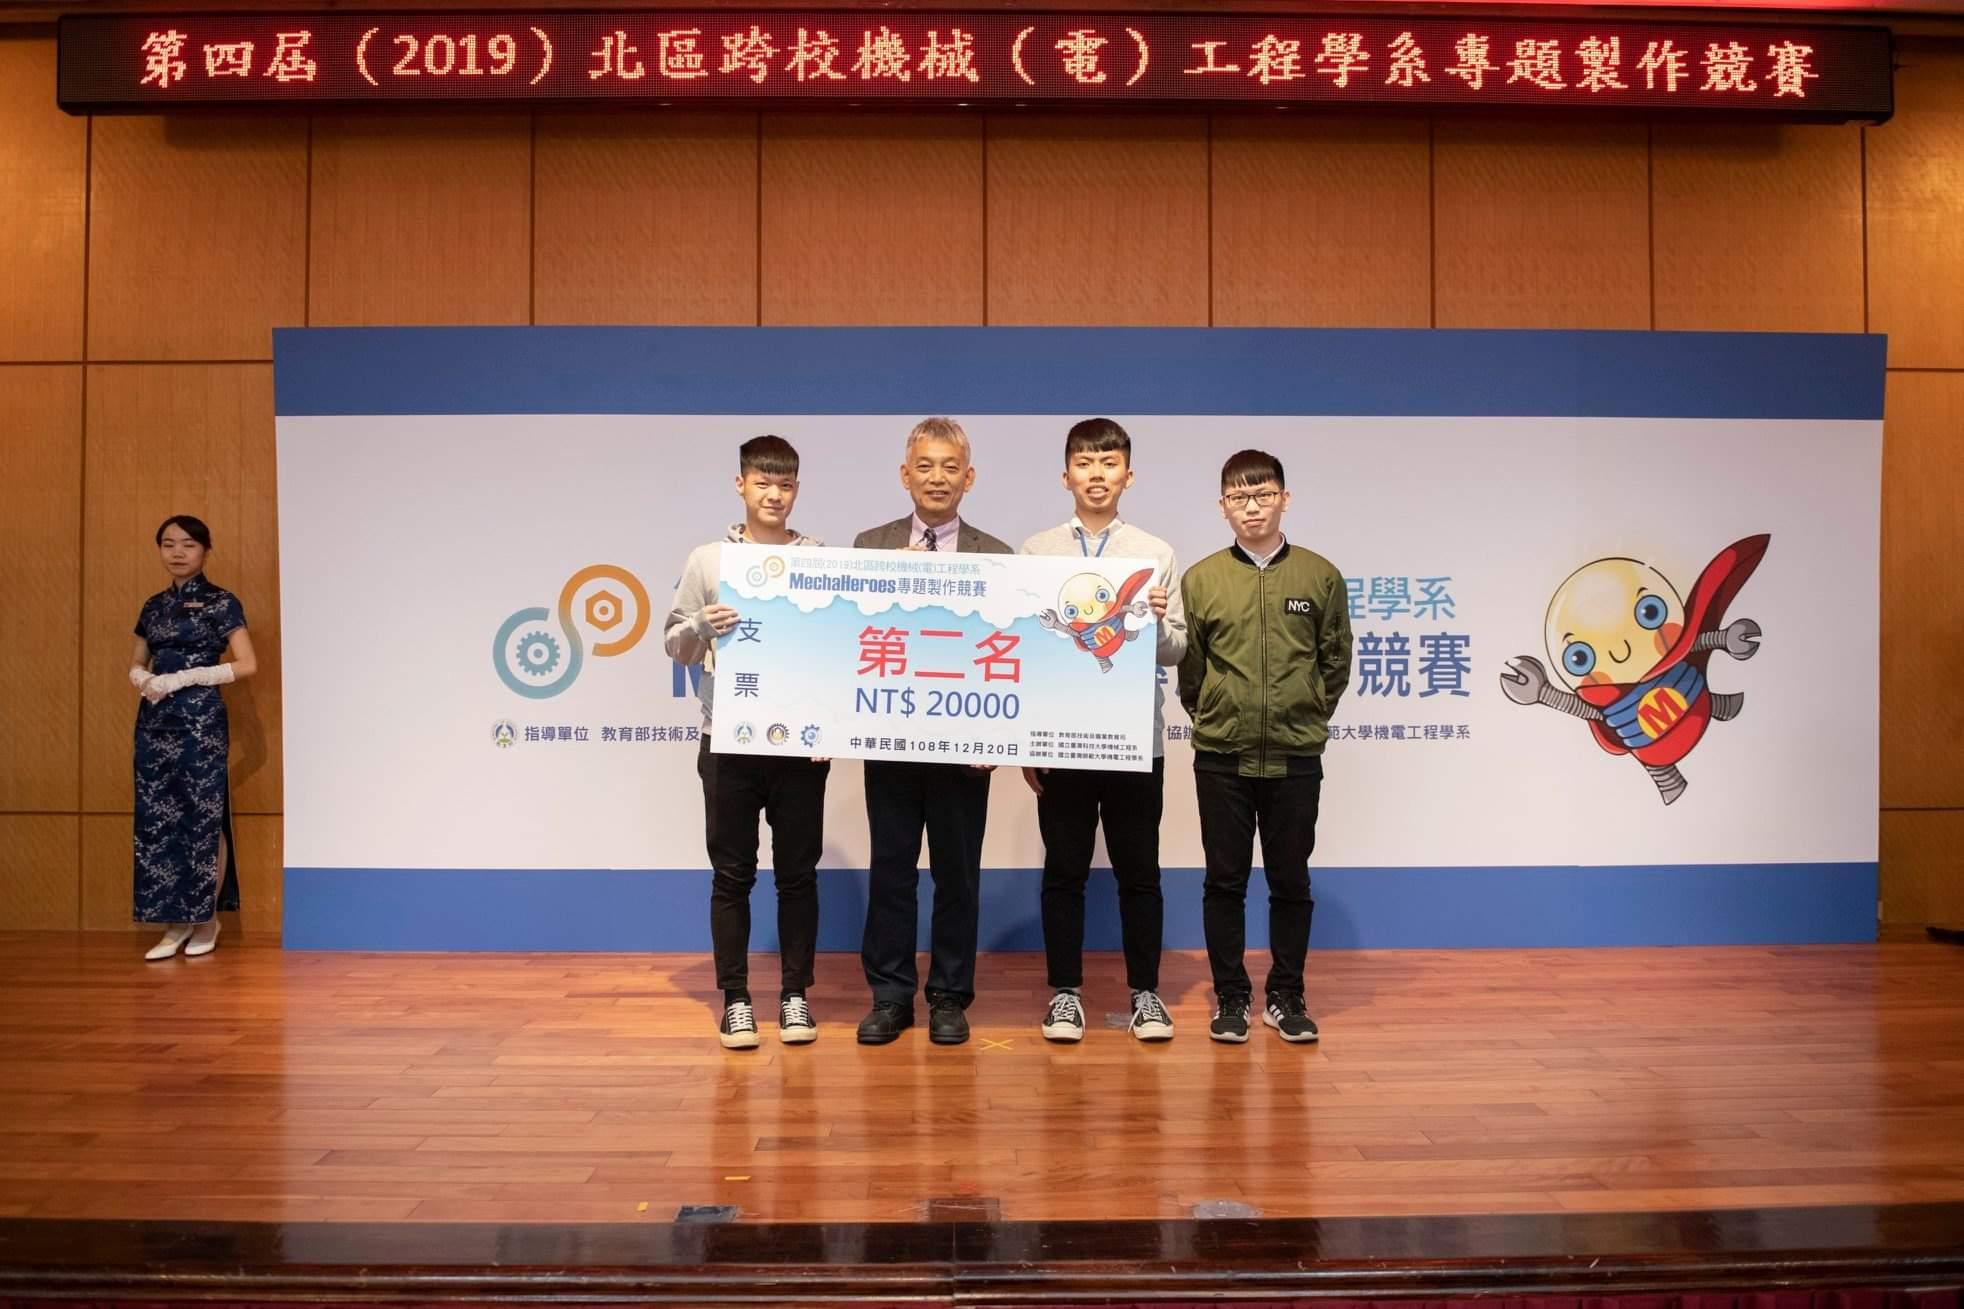 中原大學電機系陳冠名同學領隊參賽榮獲第二名佳績.jpg